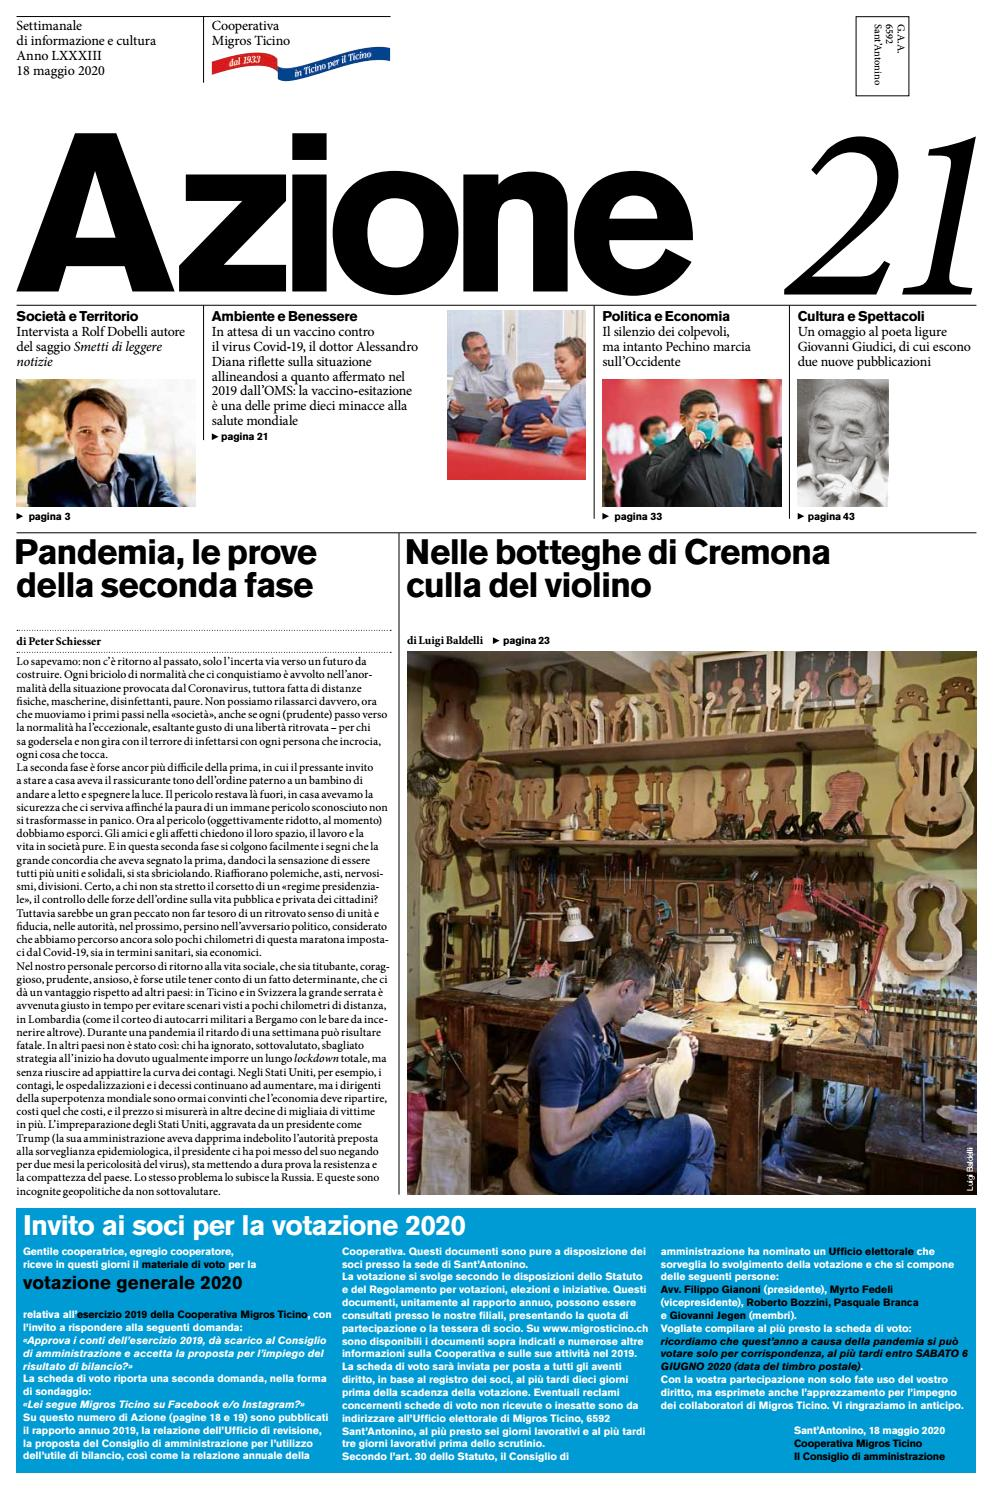 Azione 21 Del 18 Maggio 2020 By Azione Settimanale Di Migros Ticino Issuu